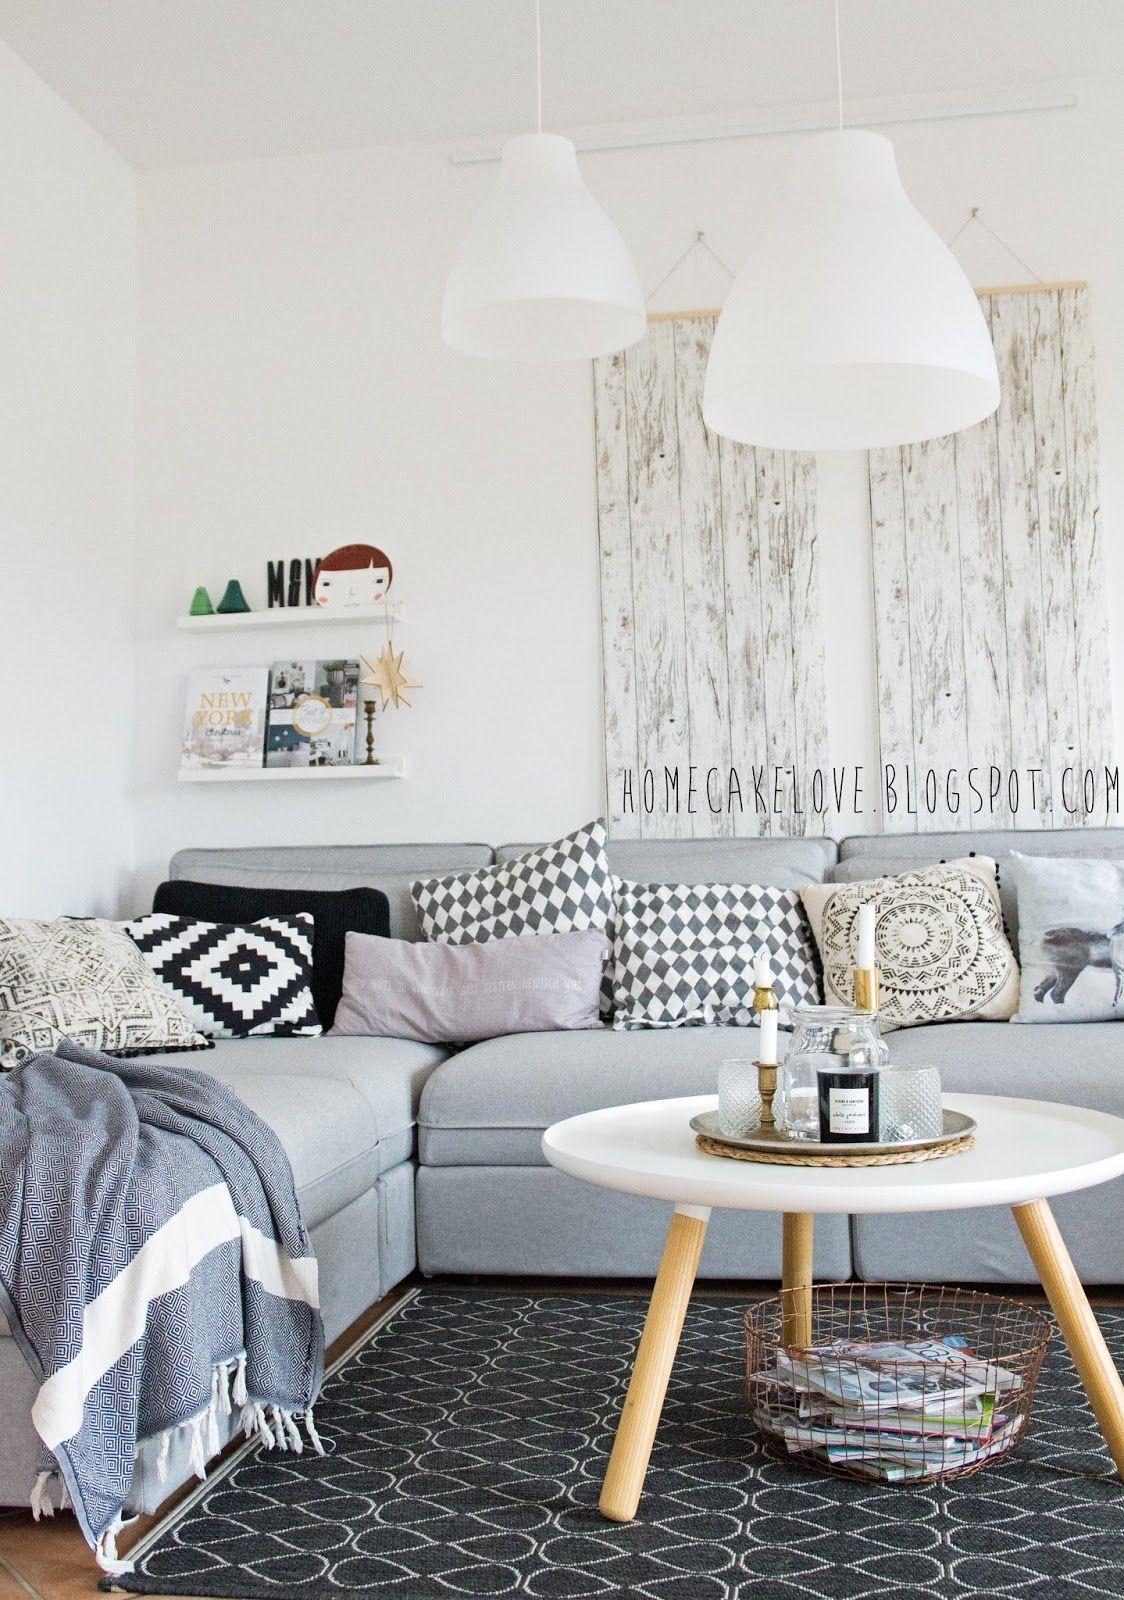 Ikeasofa, neues Sofa von Ikea, Vallentuna von Ikea, Sofa in grau ...